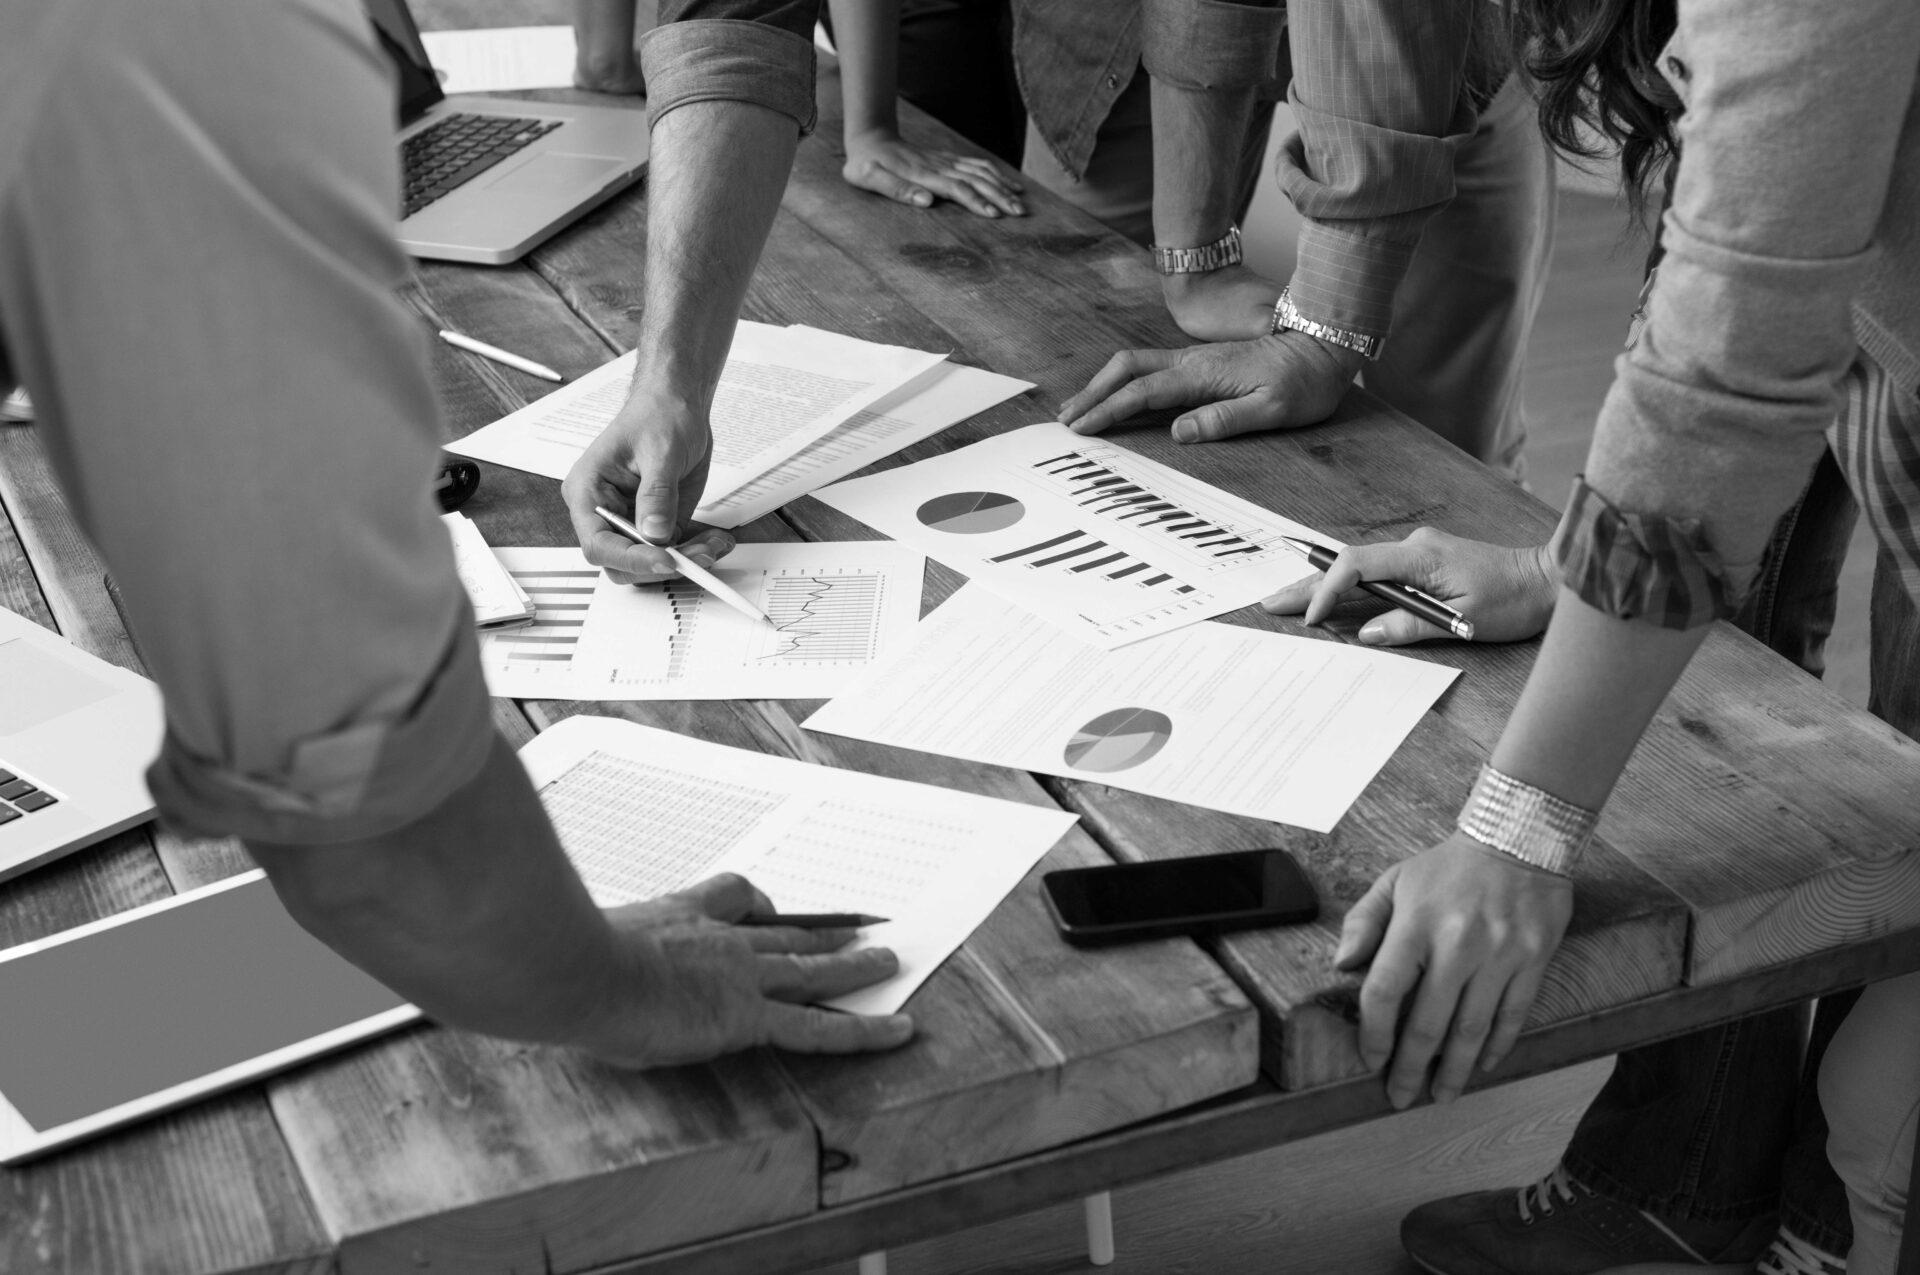 team de collègues discutant d'une étude de marché Allemagne avec des documents et graphiques